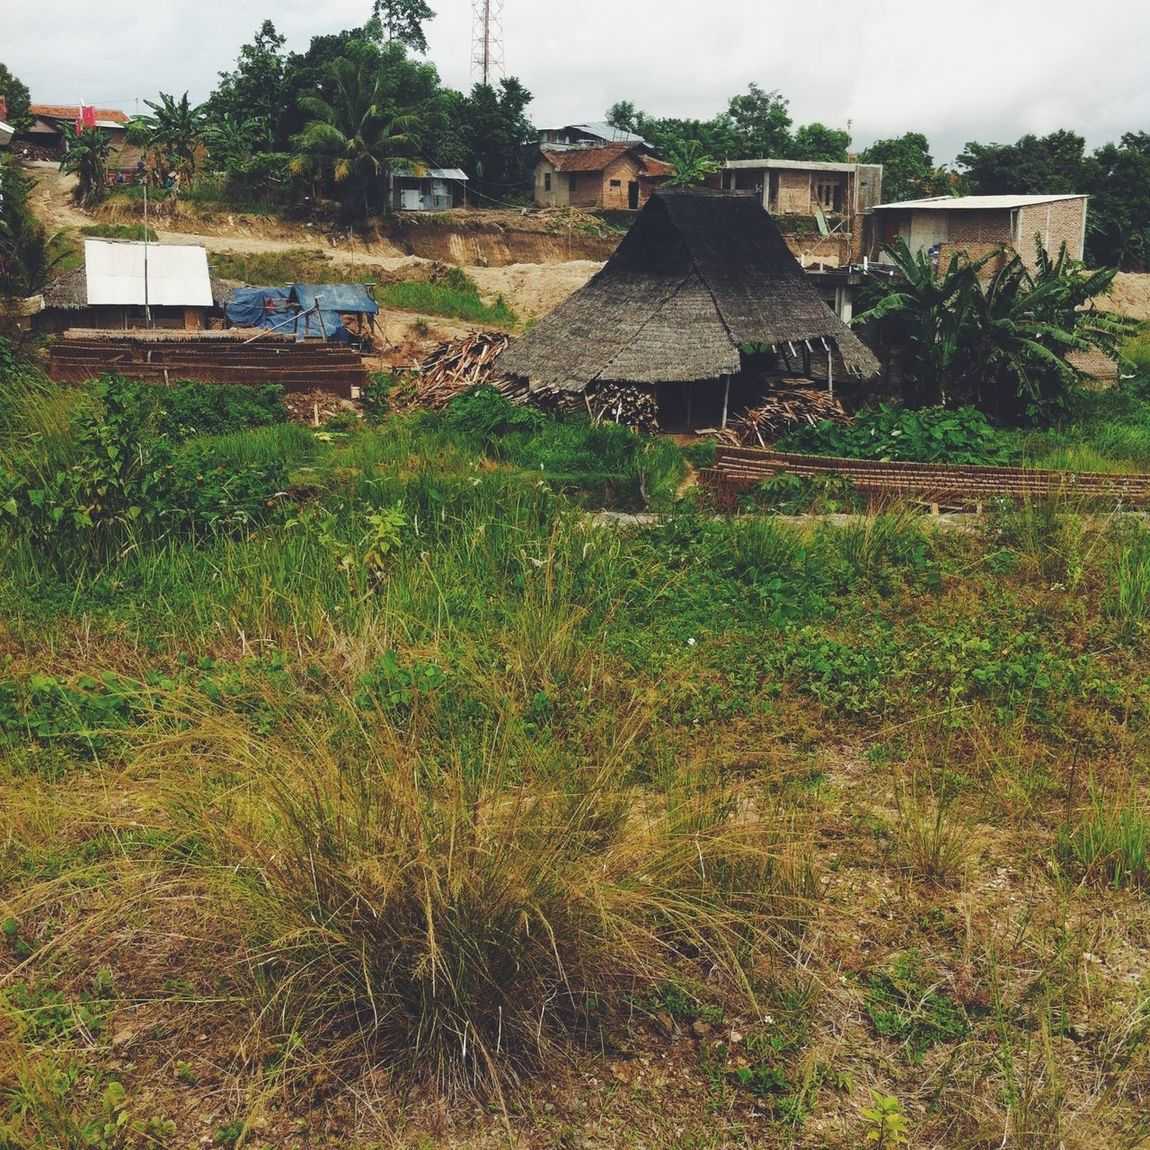 Houses INDONESIA Eye4photography  Eyemnaturelover